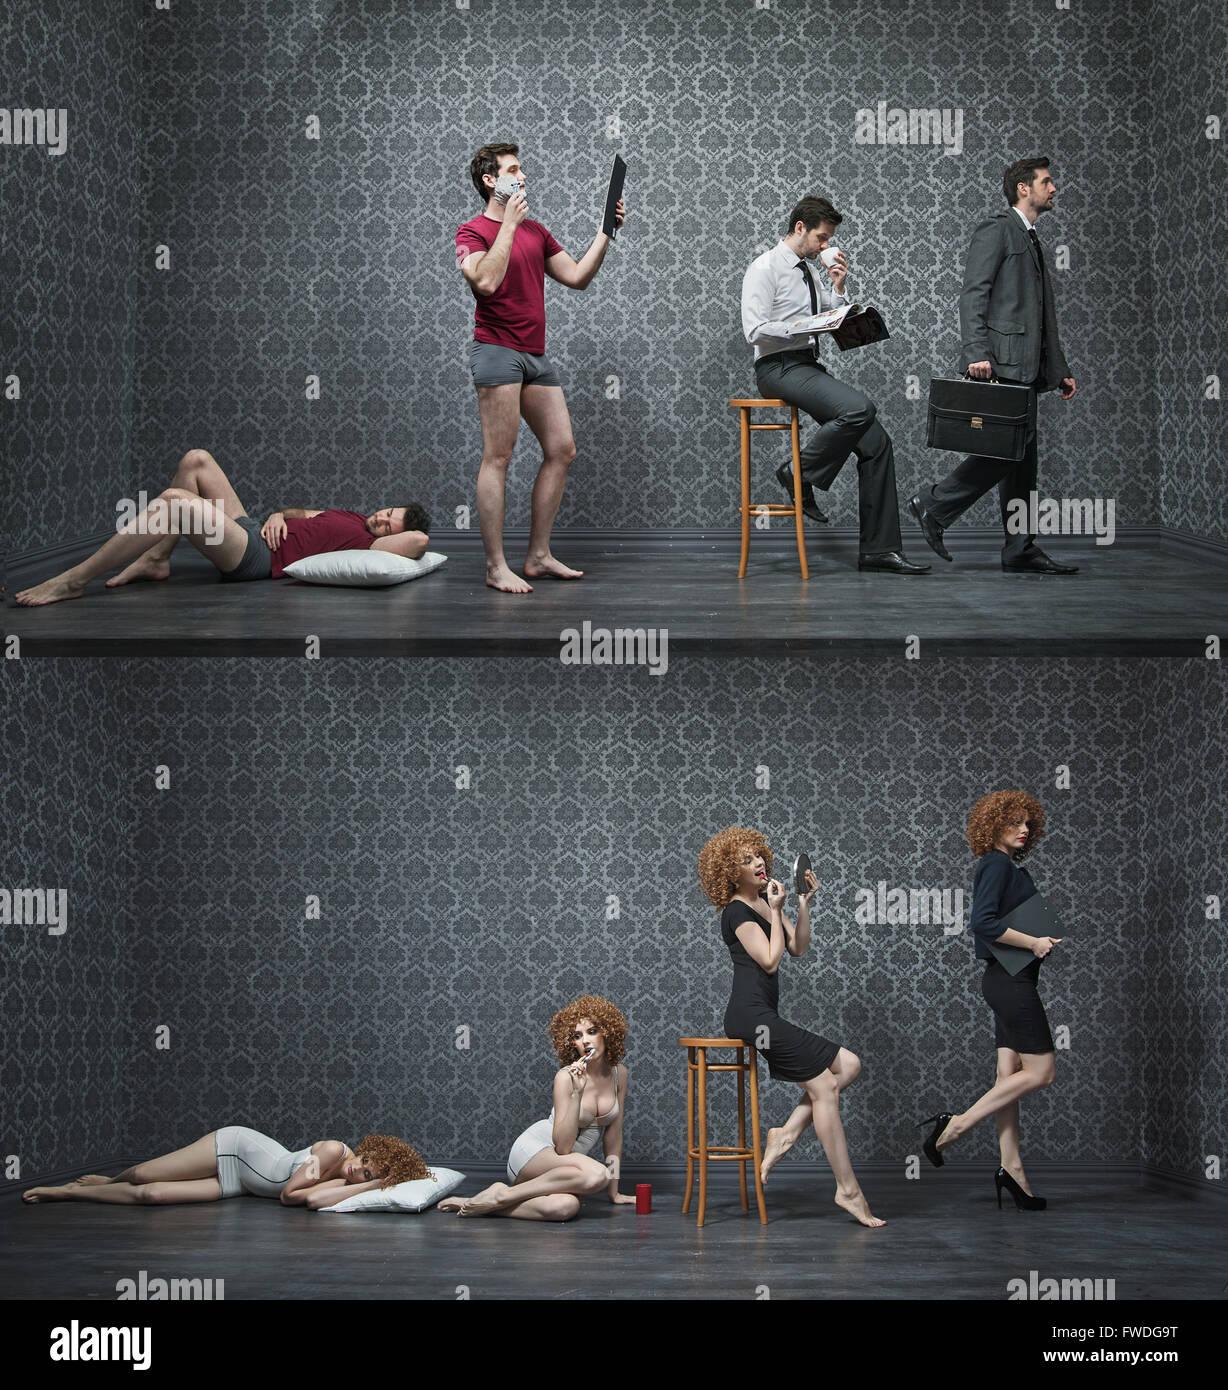 Collage de fotos de una mañana típica de empleados de cuello blanco Imagen De Stock